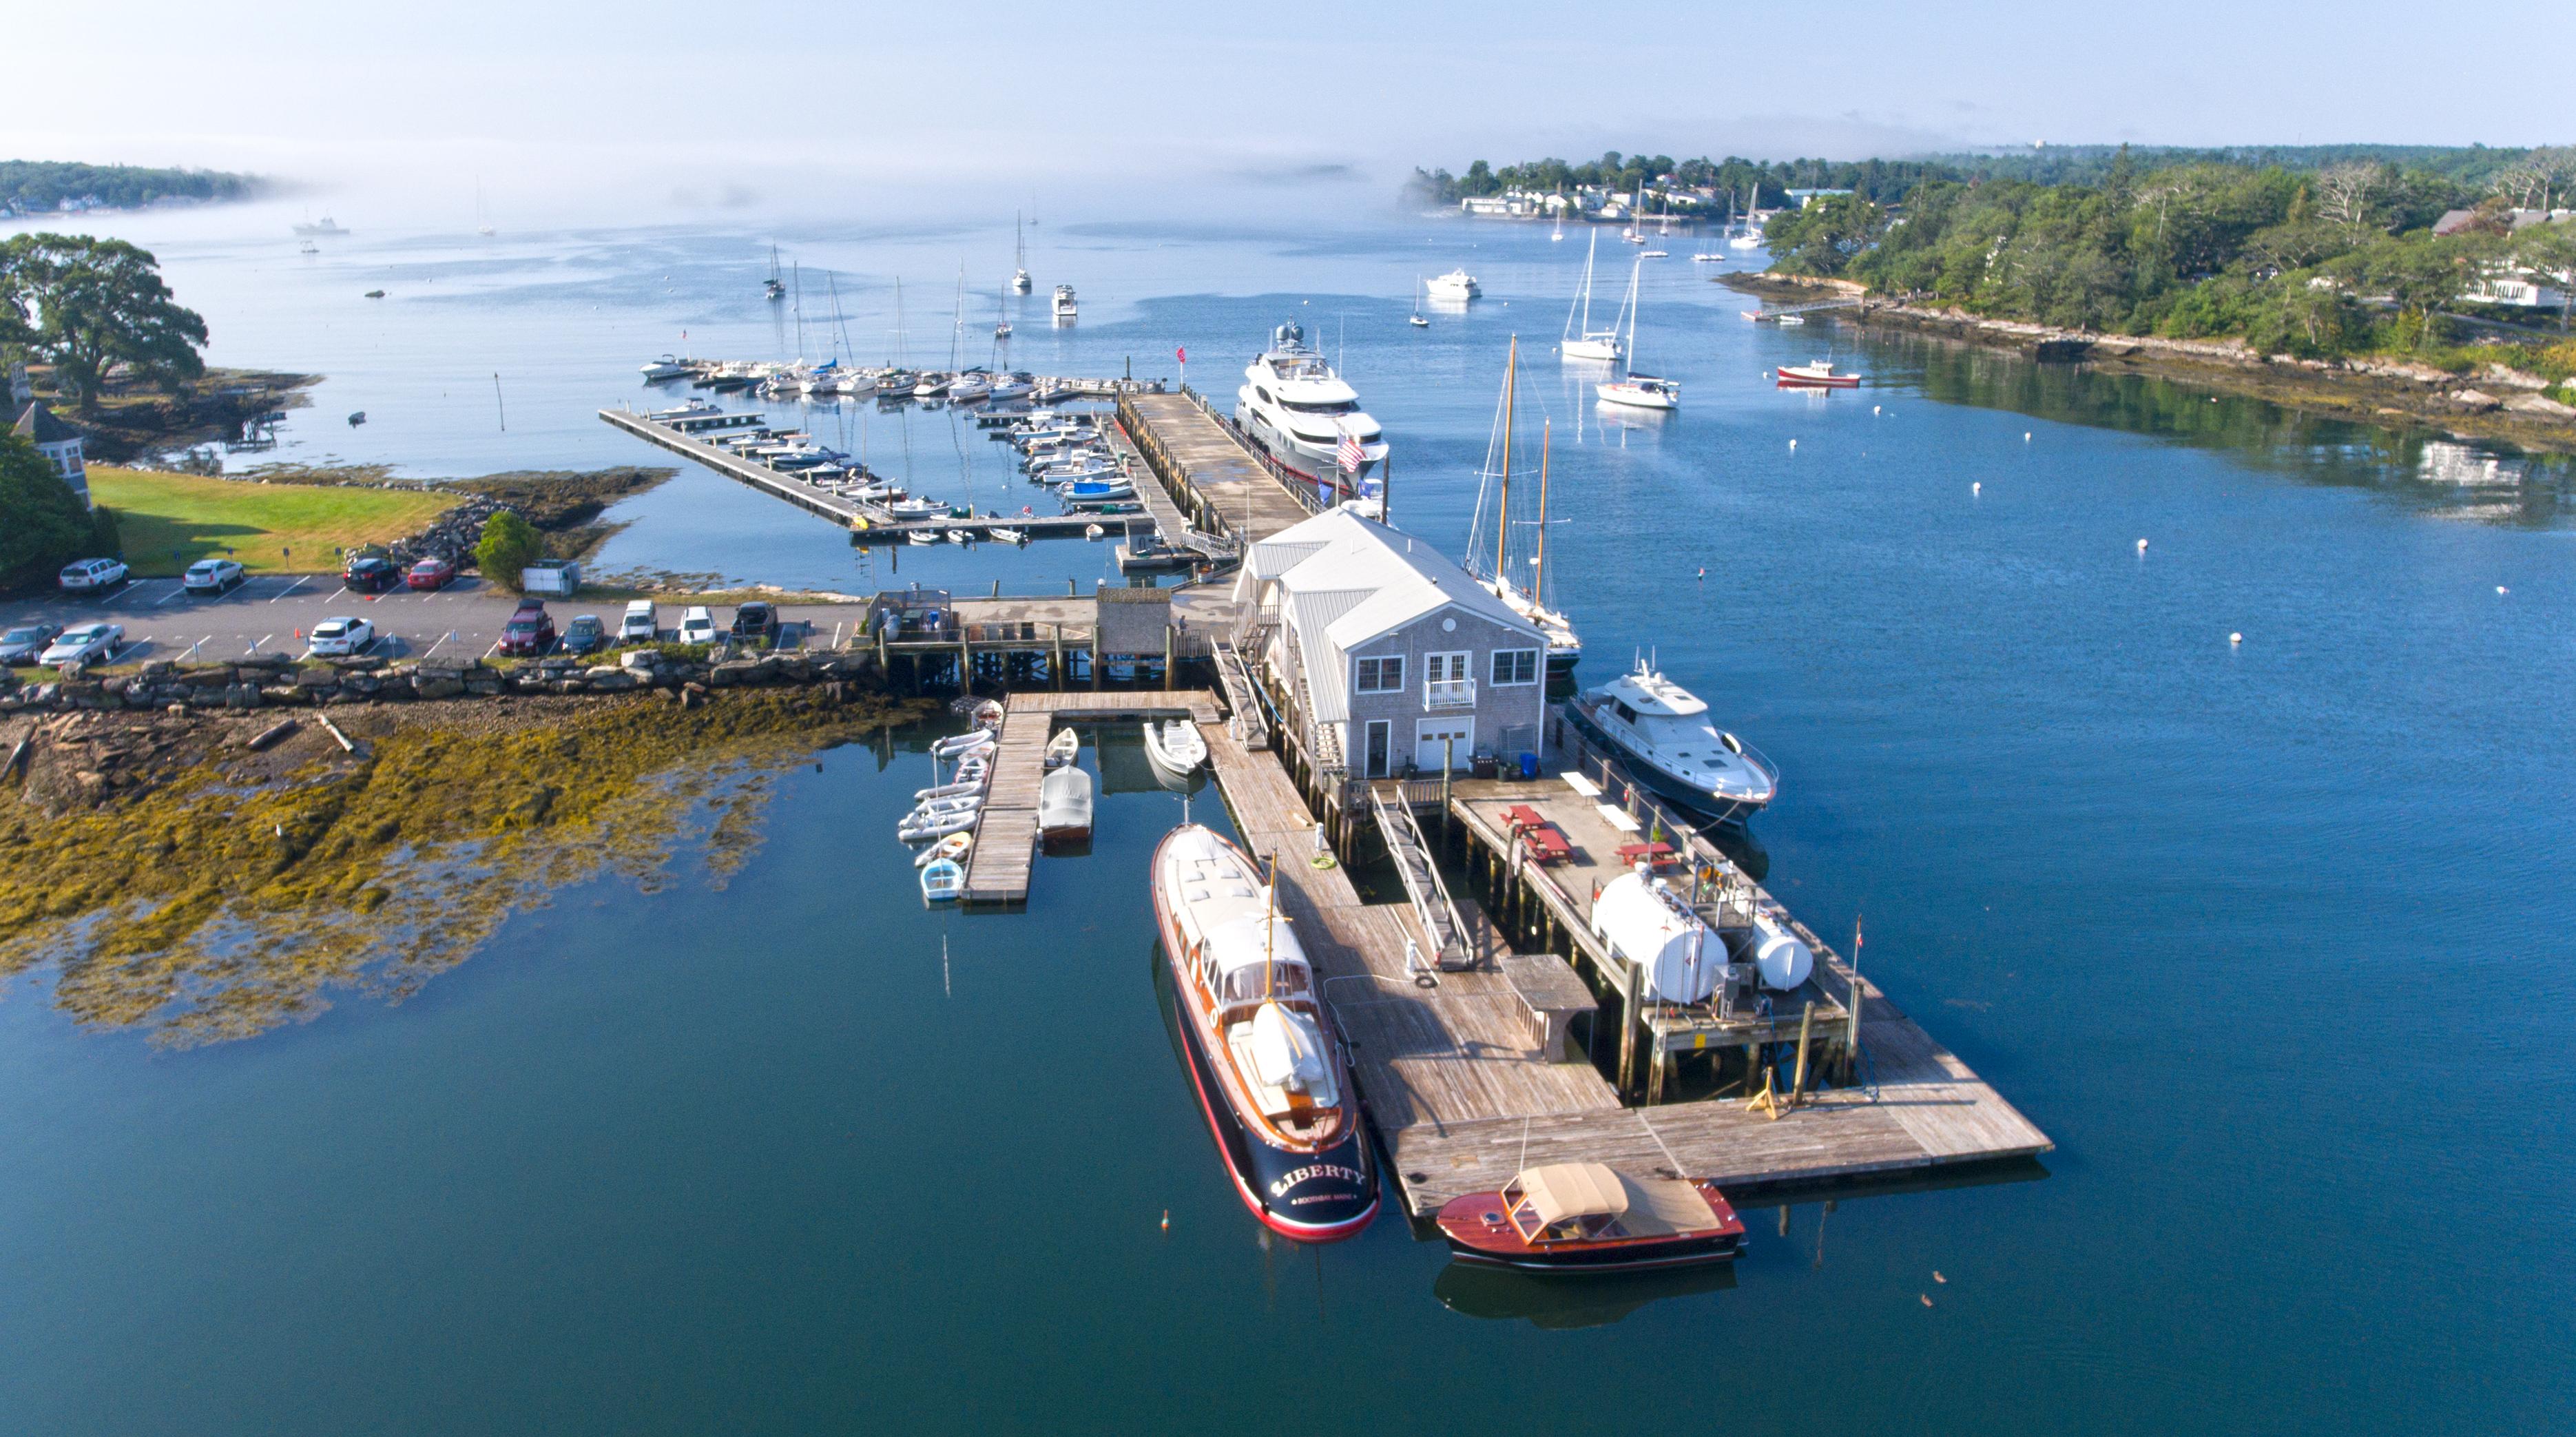 Harborside Retreaet